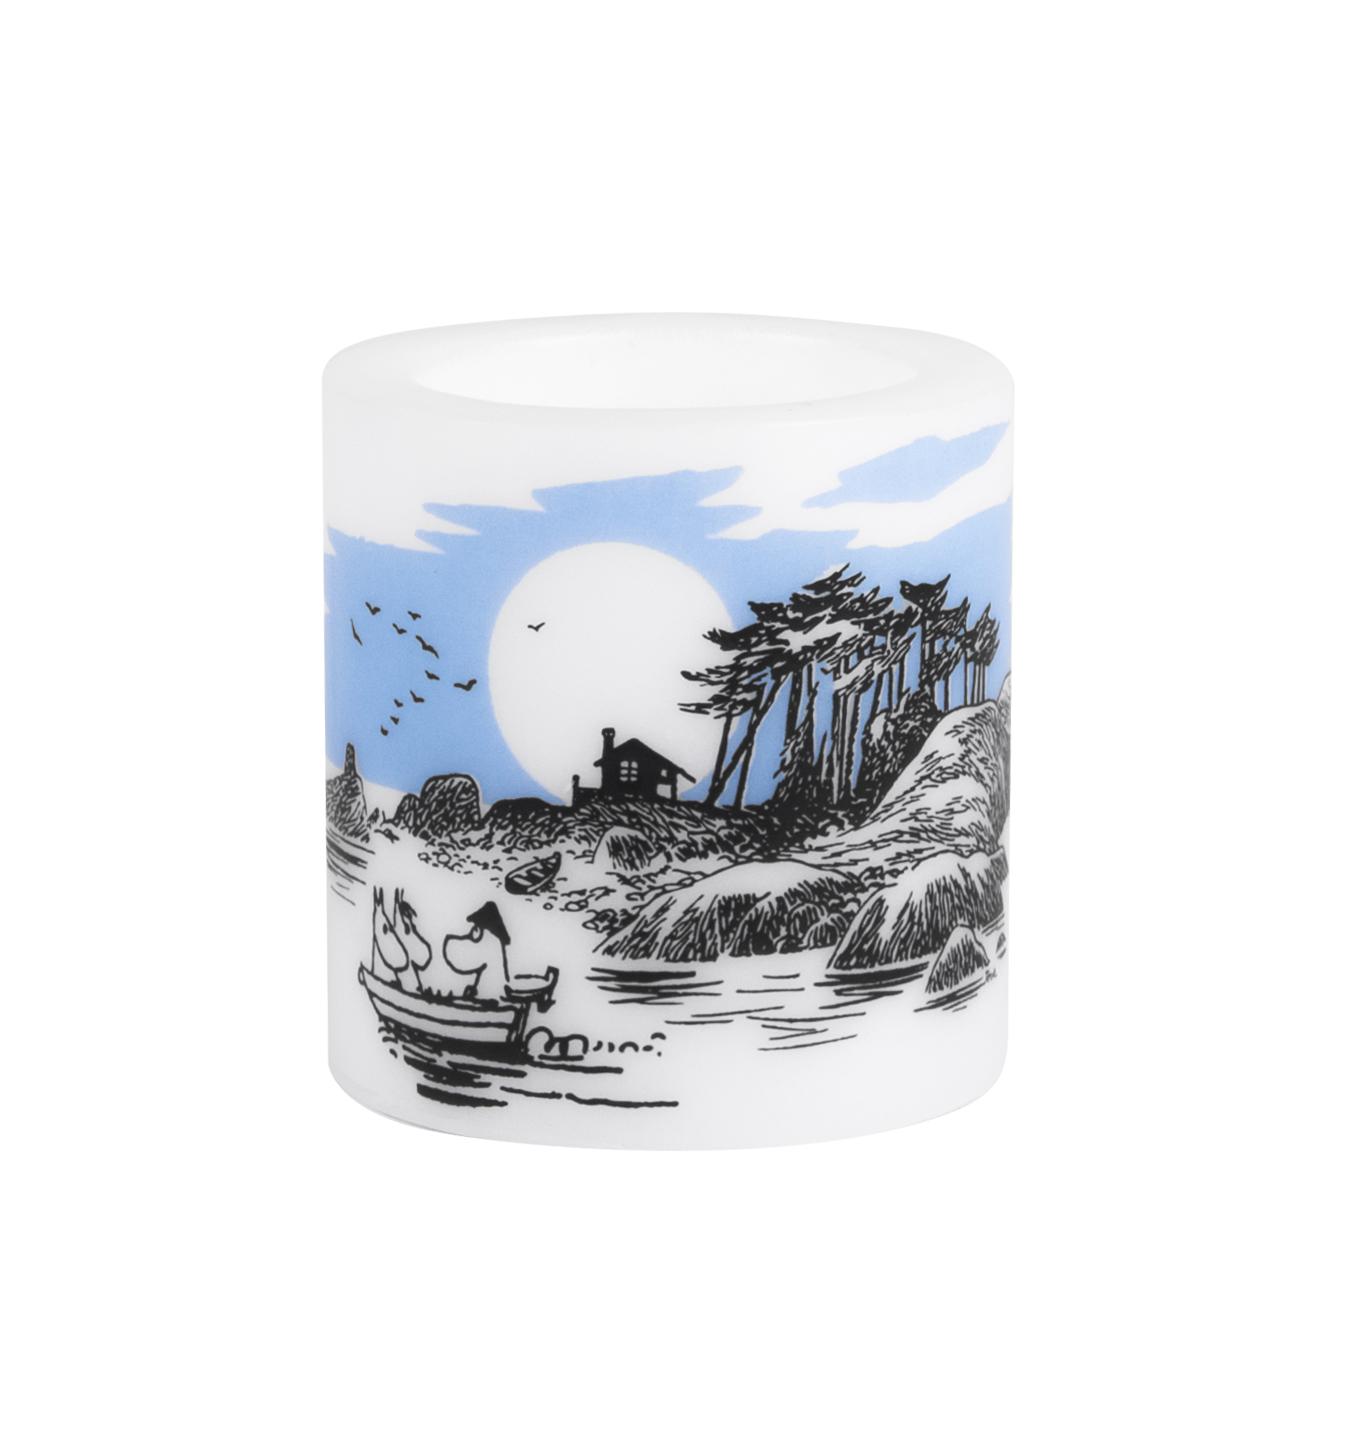 Muurla Moomin Island candle 8cm